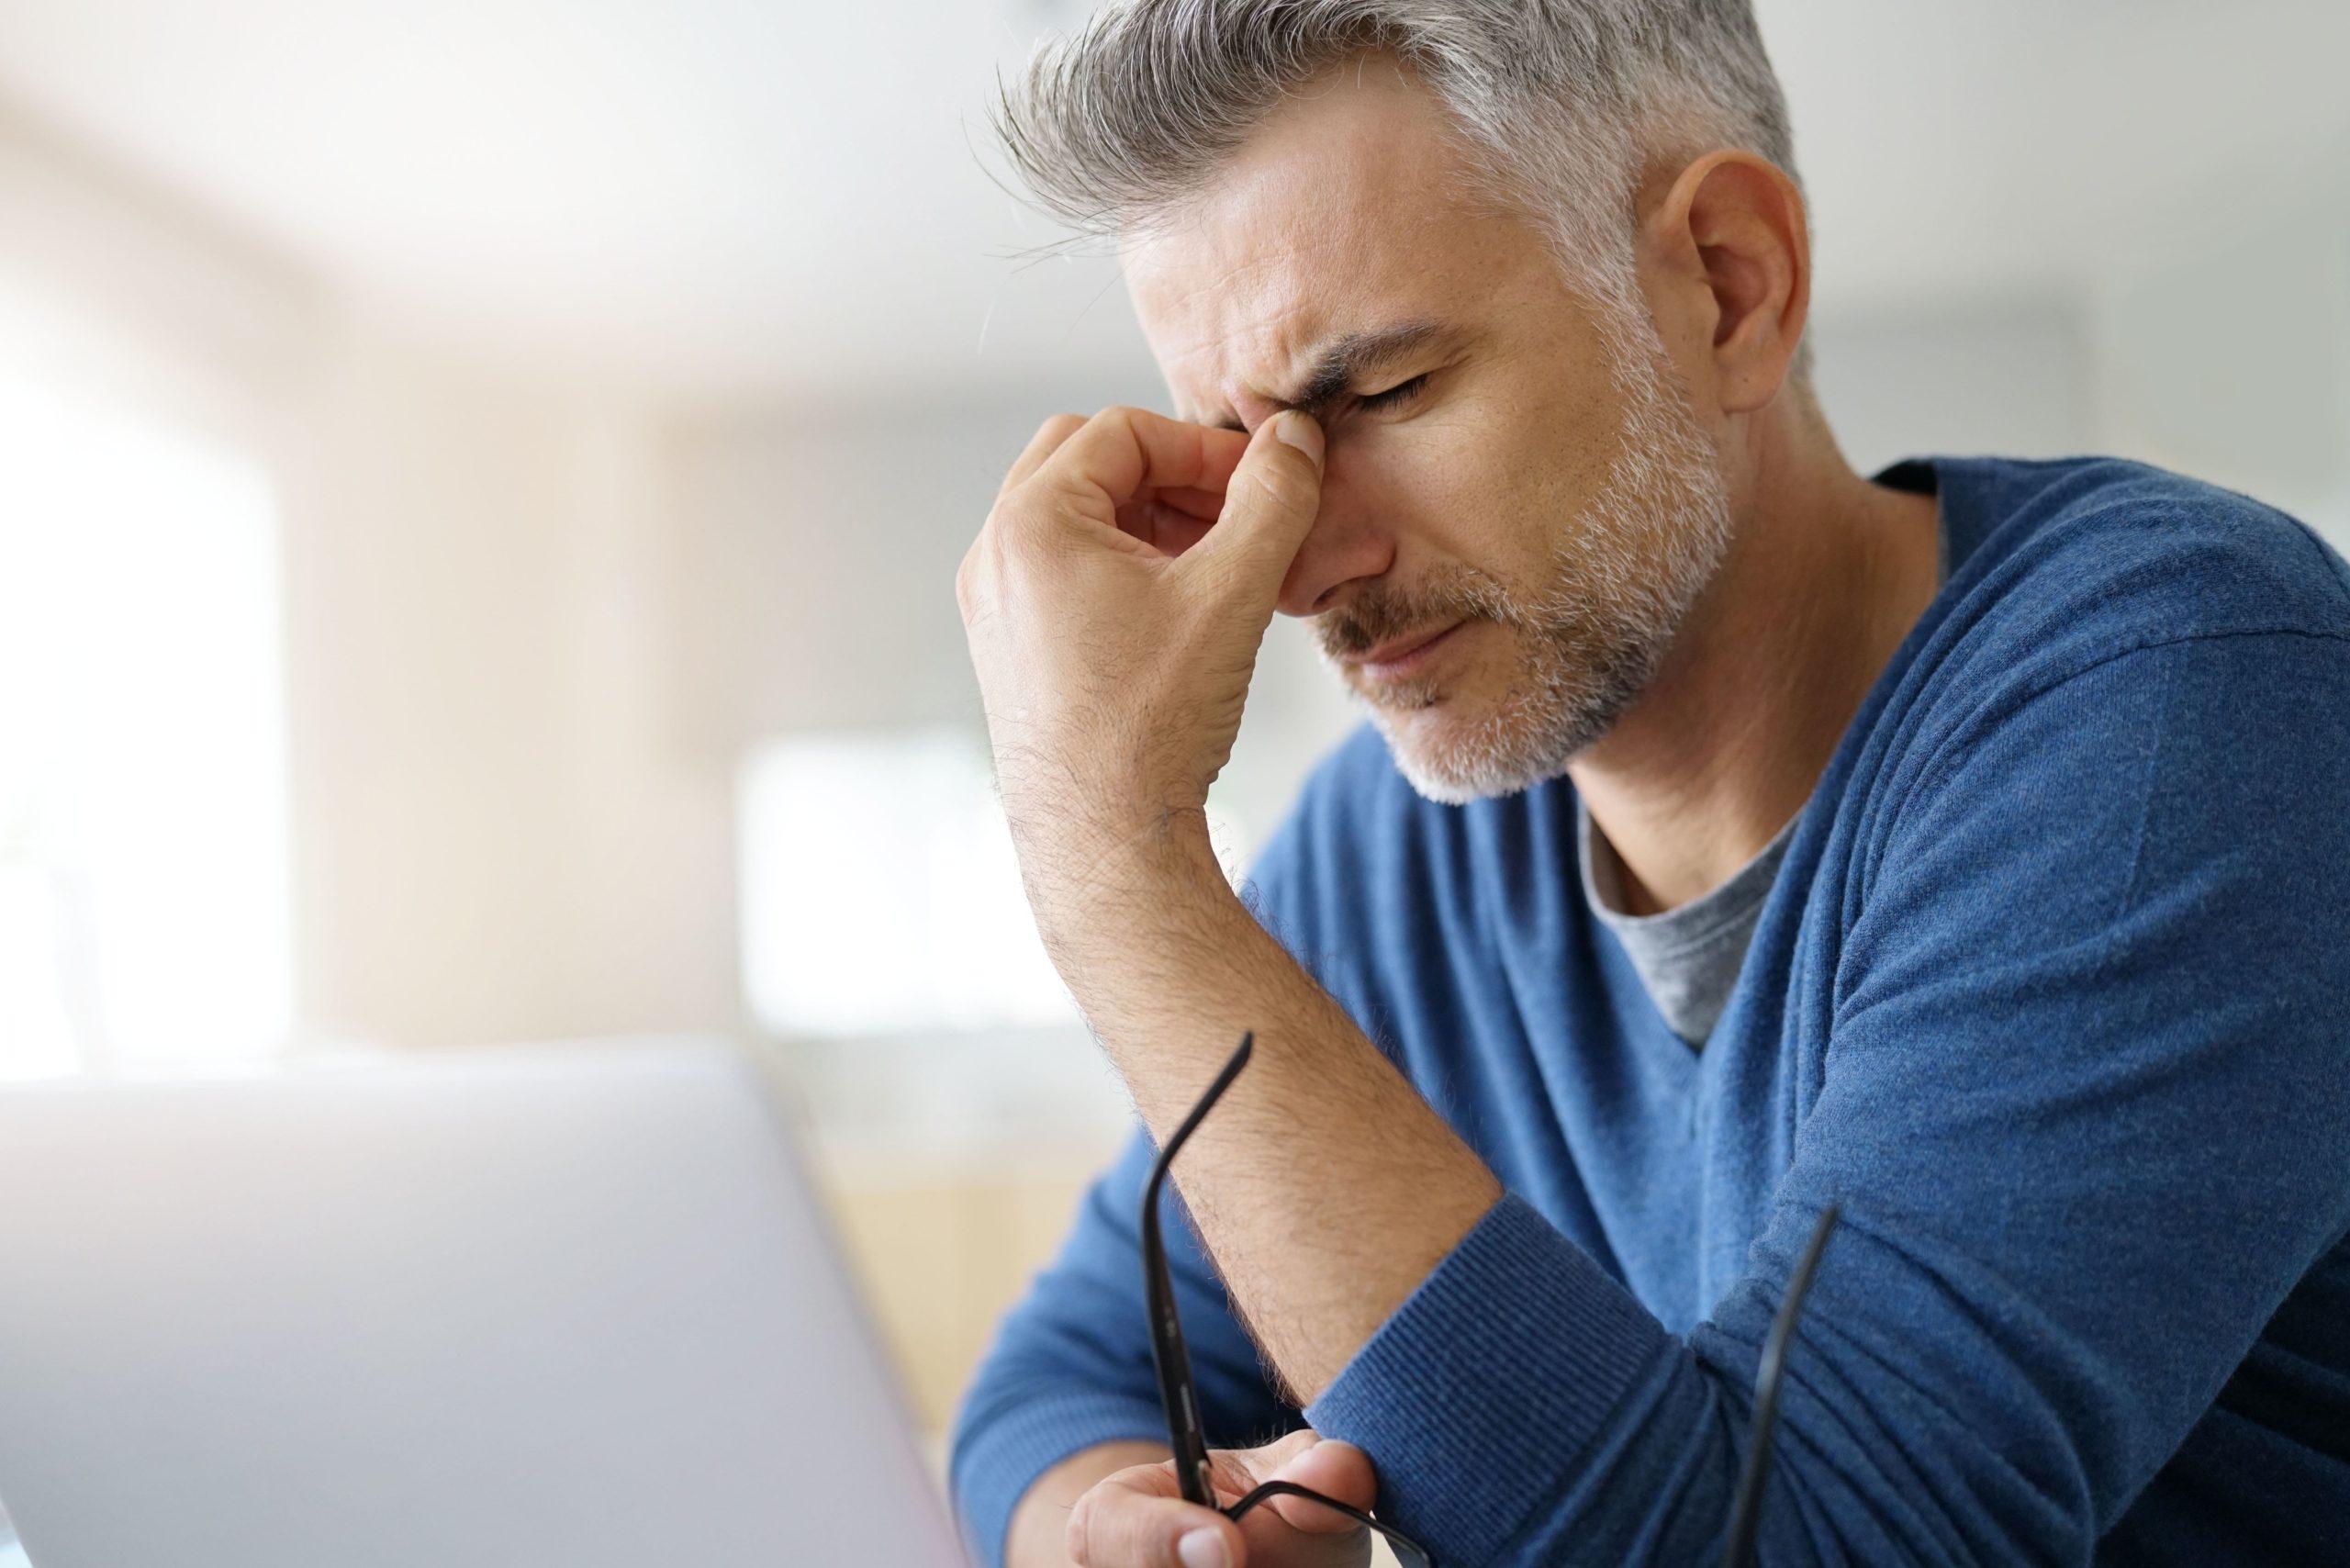 Астенические расстройства, ВСД и когнитивные нарушения